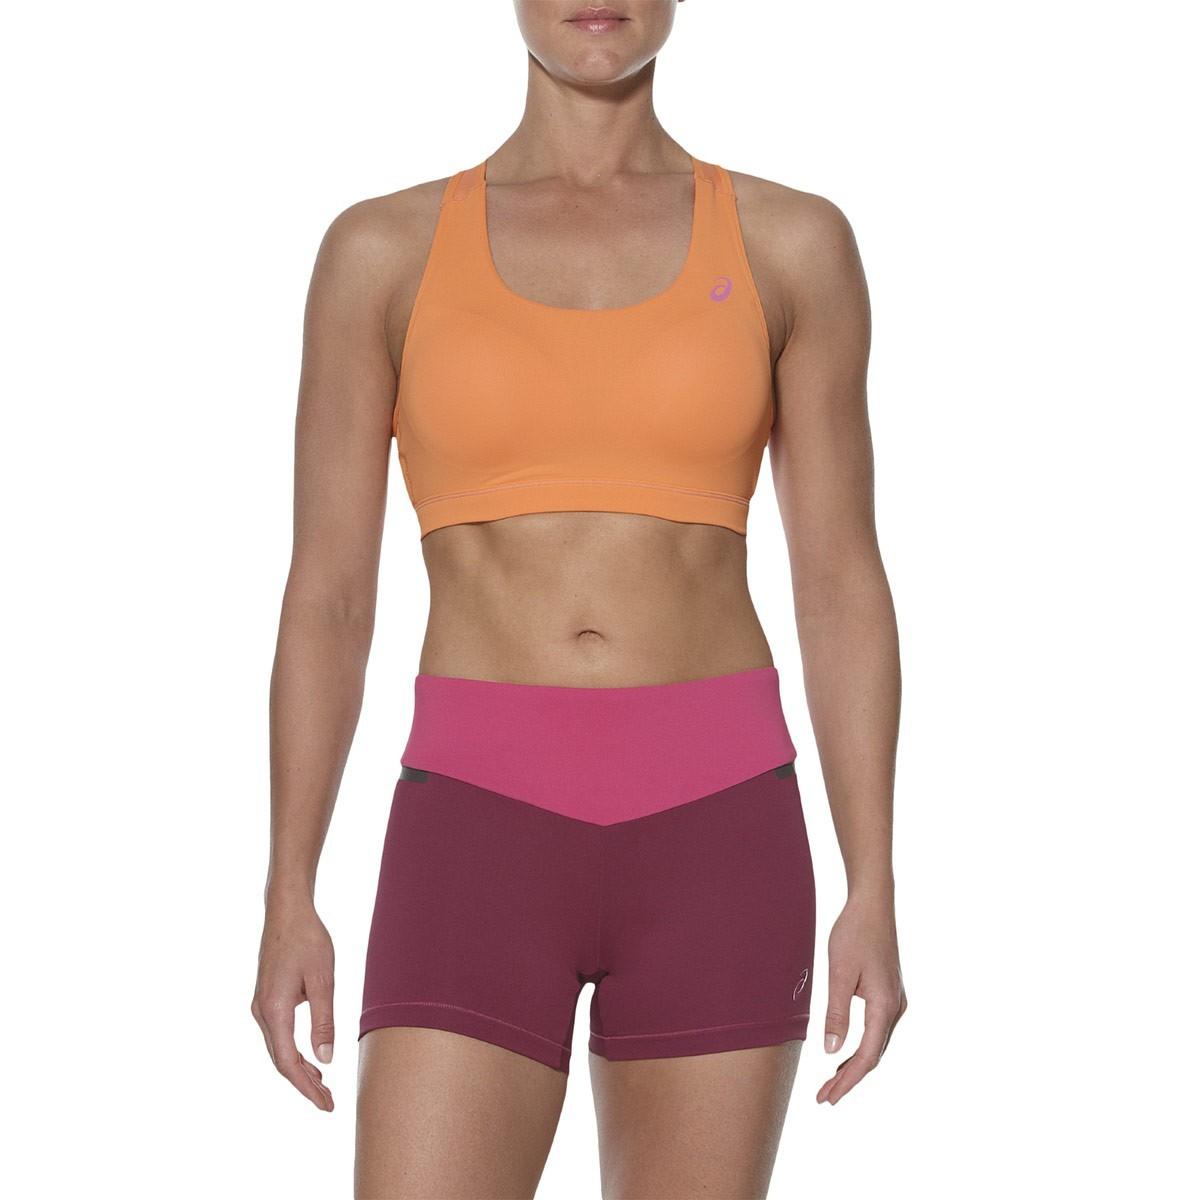 Женский спортивный топ для бега Asics Racerback Bra Top (130465 0558) оранжевый фото